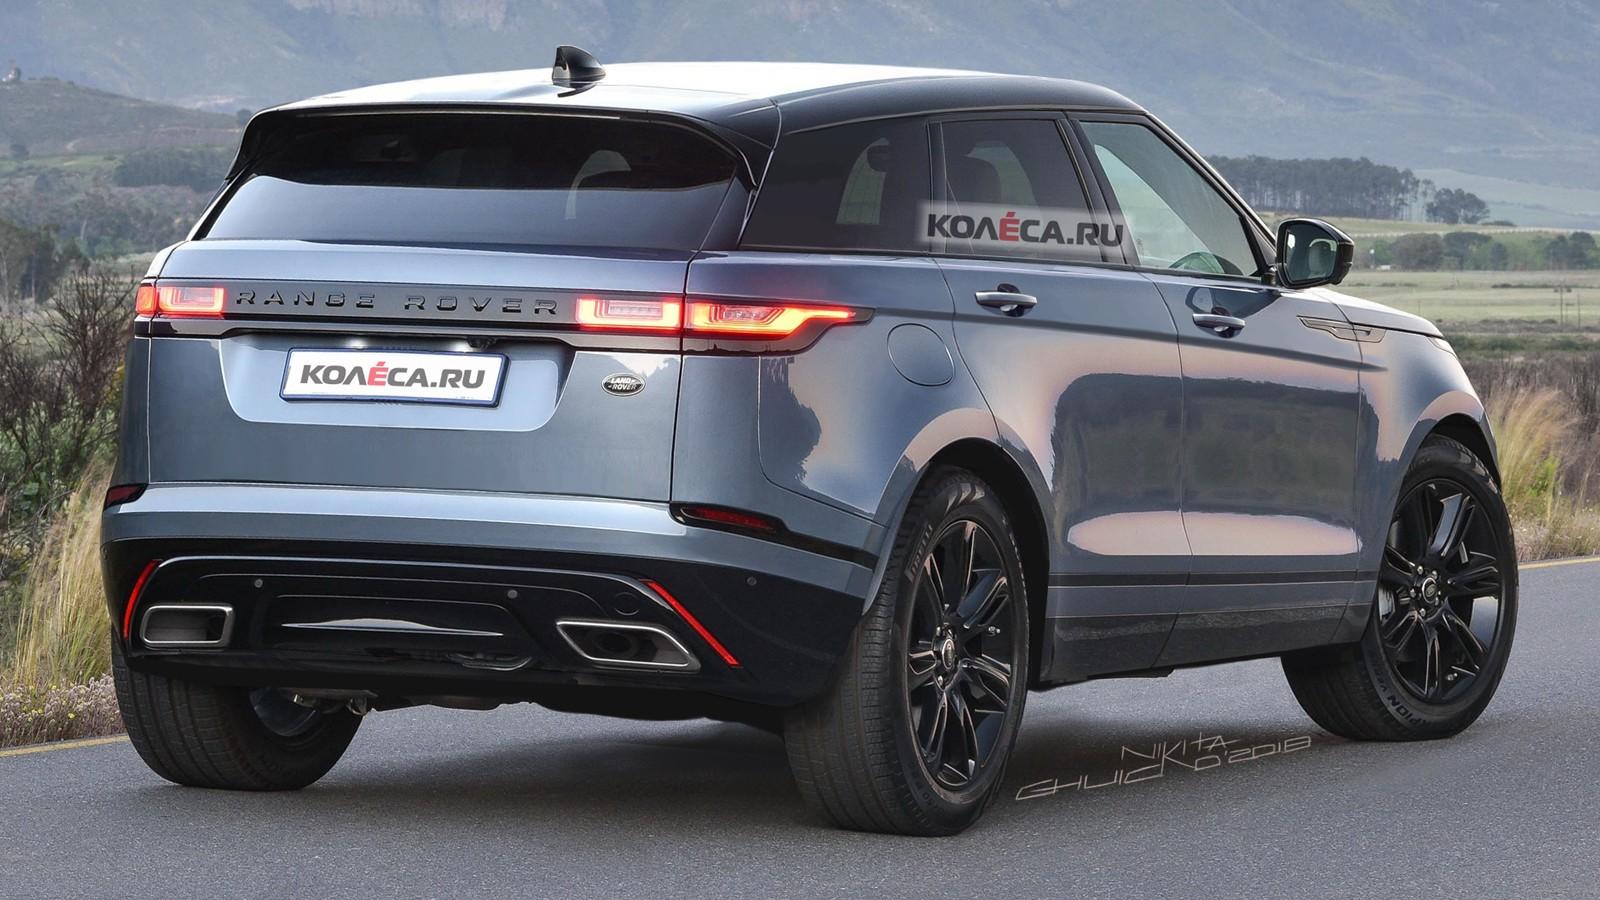 Range Rover Evoque rear2